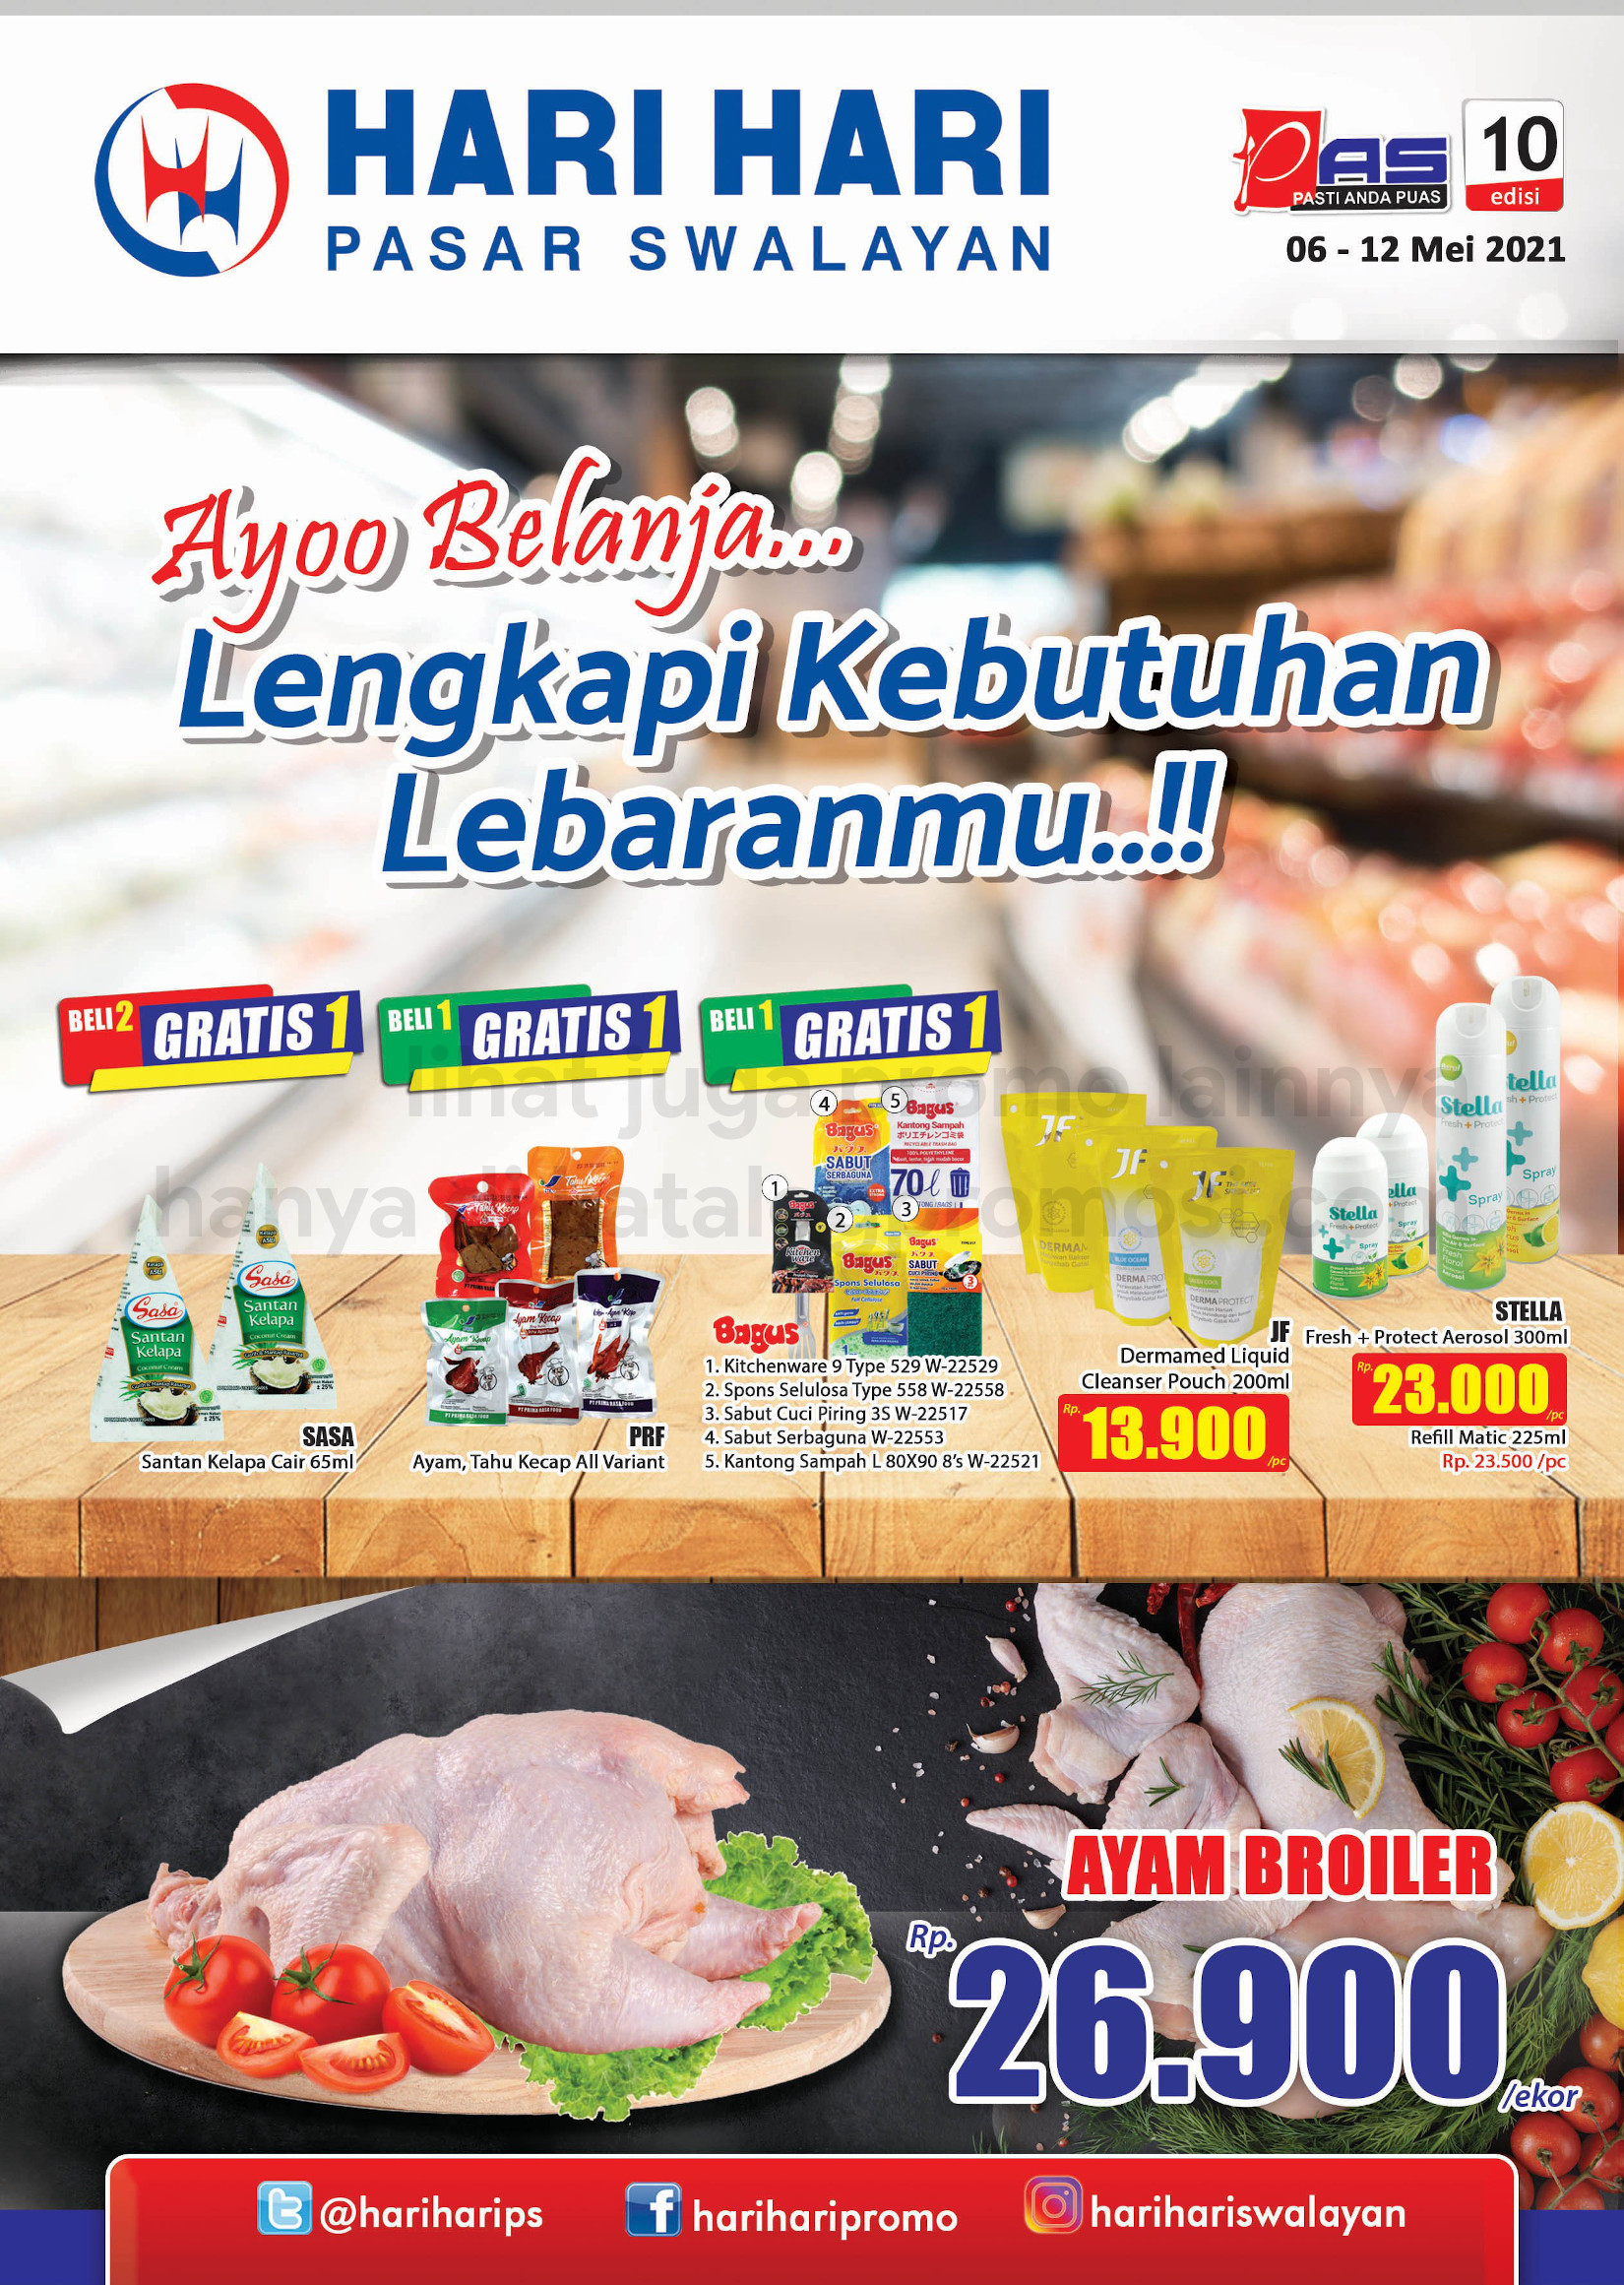 Promo Hari Hari Pasar Swalayan Katalog Mingguan Periode 06-12 Mei 2021